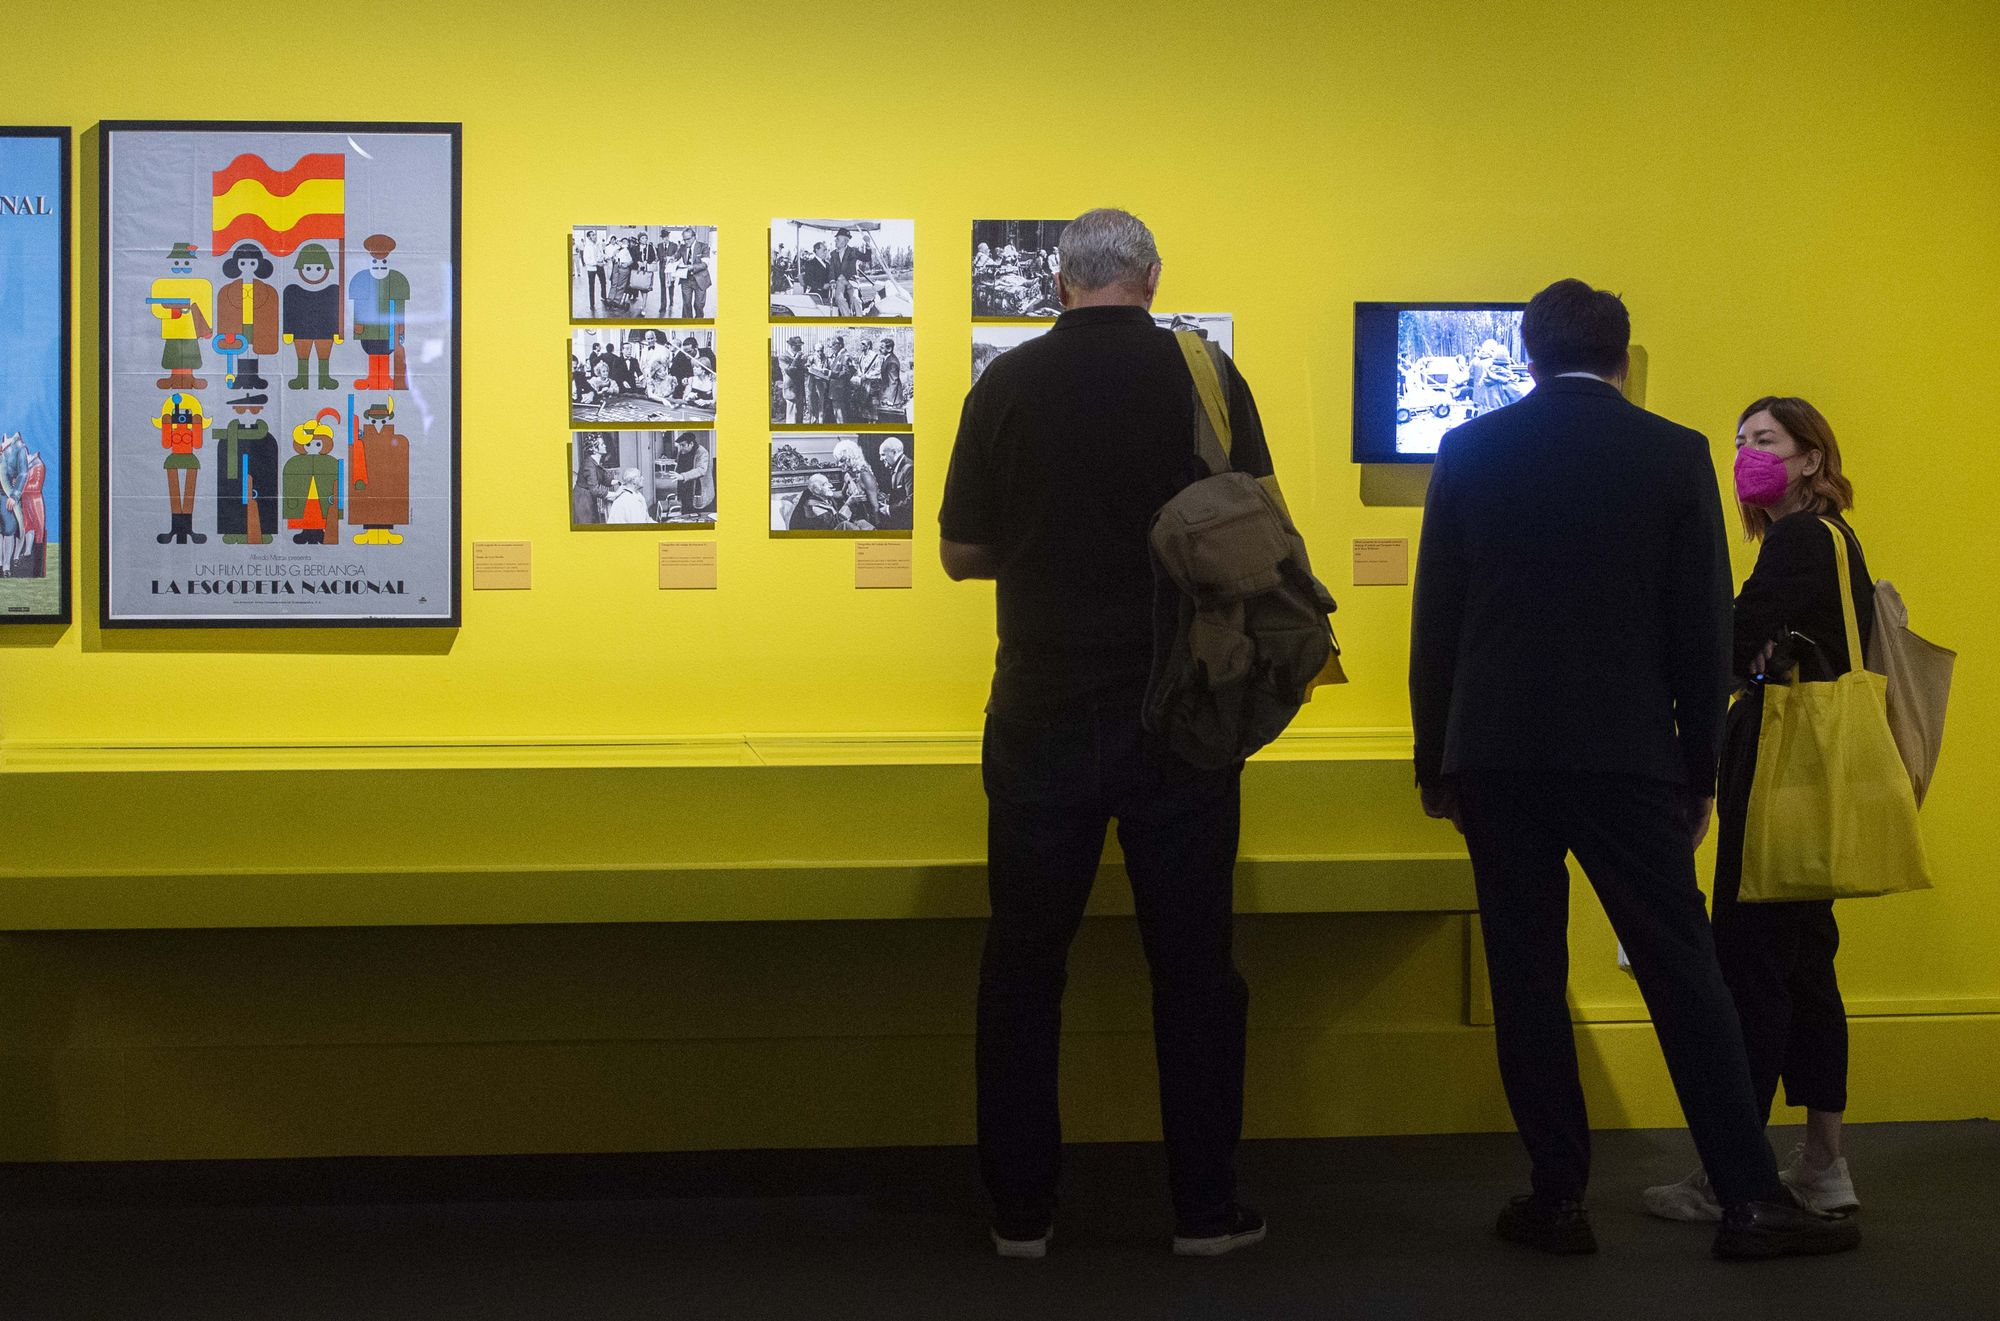 Los Reyes inauguran la exposición de Berlanga en Madrid